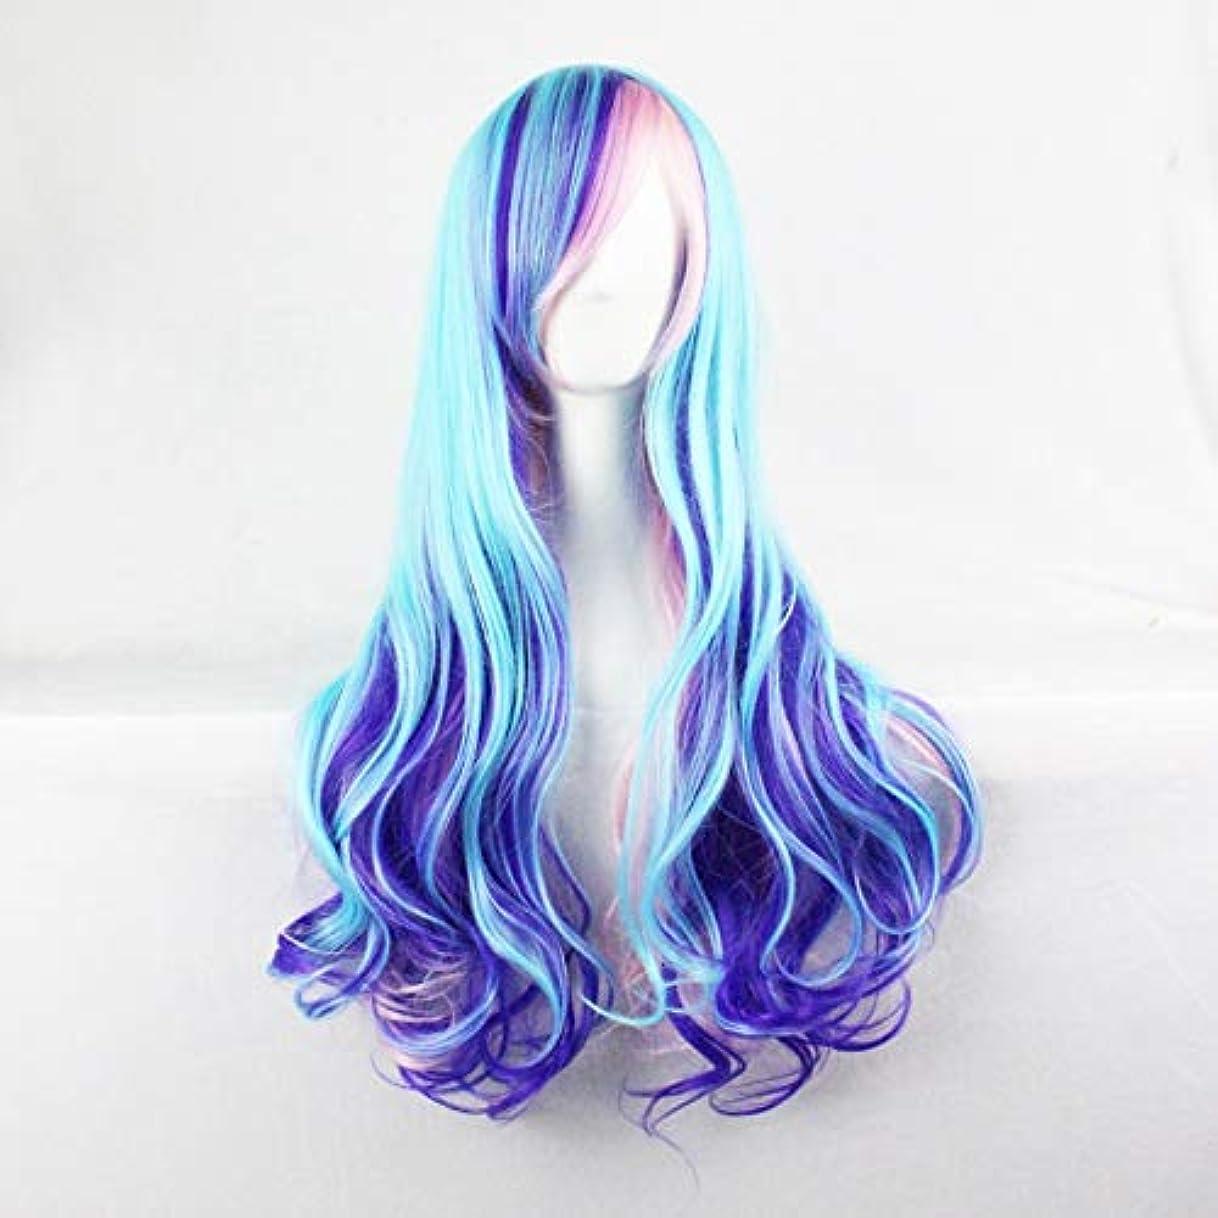 番目うなずく変更可能かつらキャップでかつらファンシードレスカールかつら女性用高品質合成毛髪コスプレ高密度かつら女性&女の子ブルー、ピンク、パープル (Color : 青)